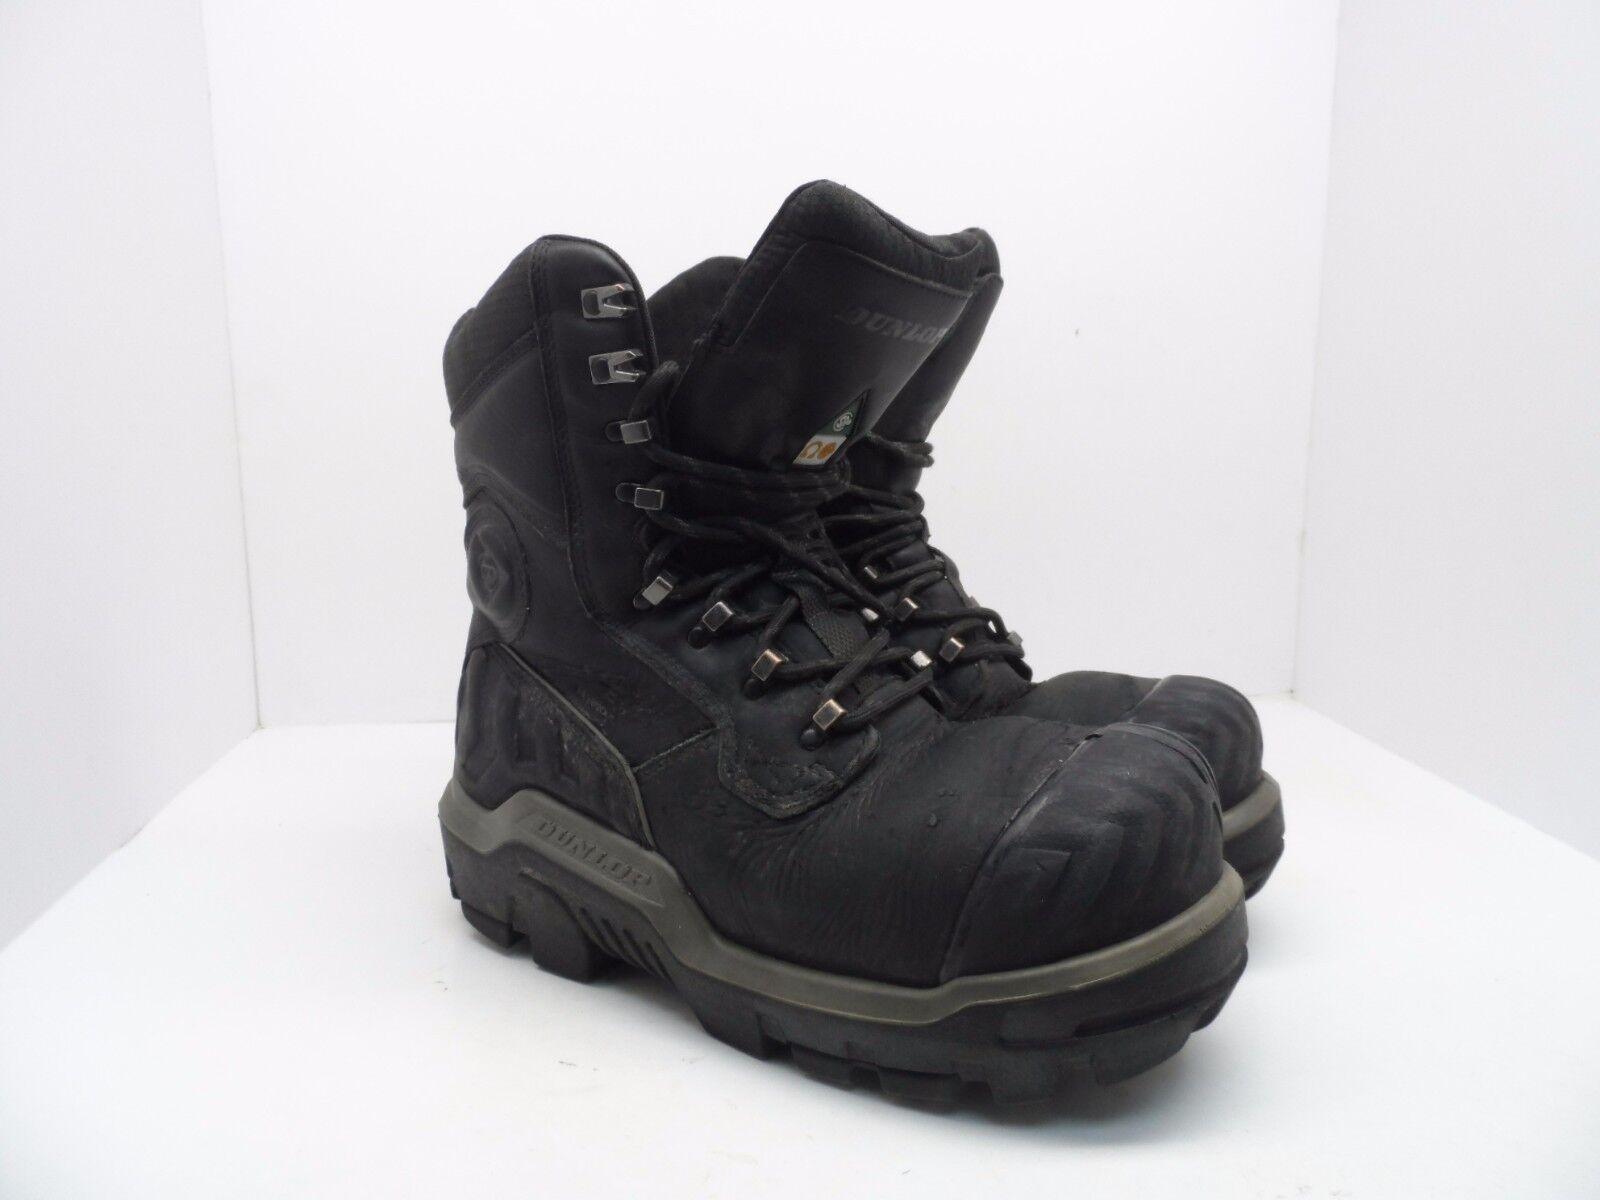 Dunlop Para Hombre 8  Compuesto Puntera Composite placa WP botas De Trabajo De Cuero Negro 8 M